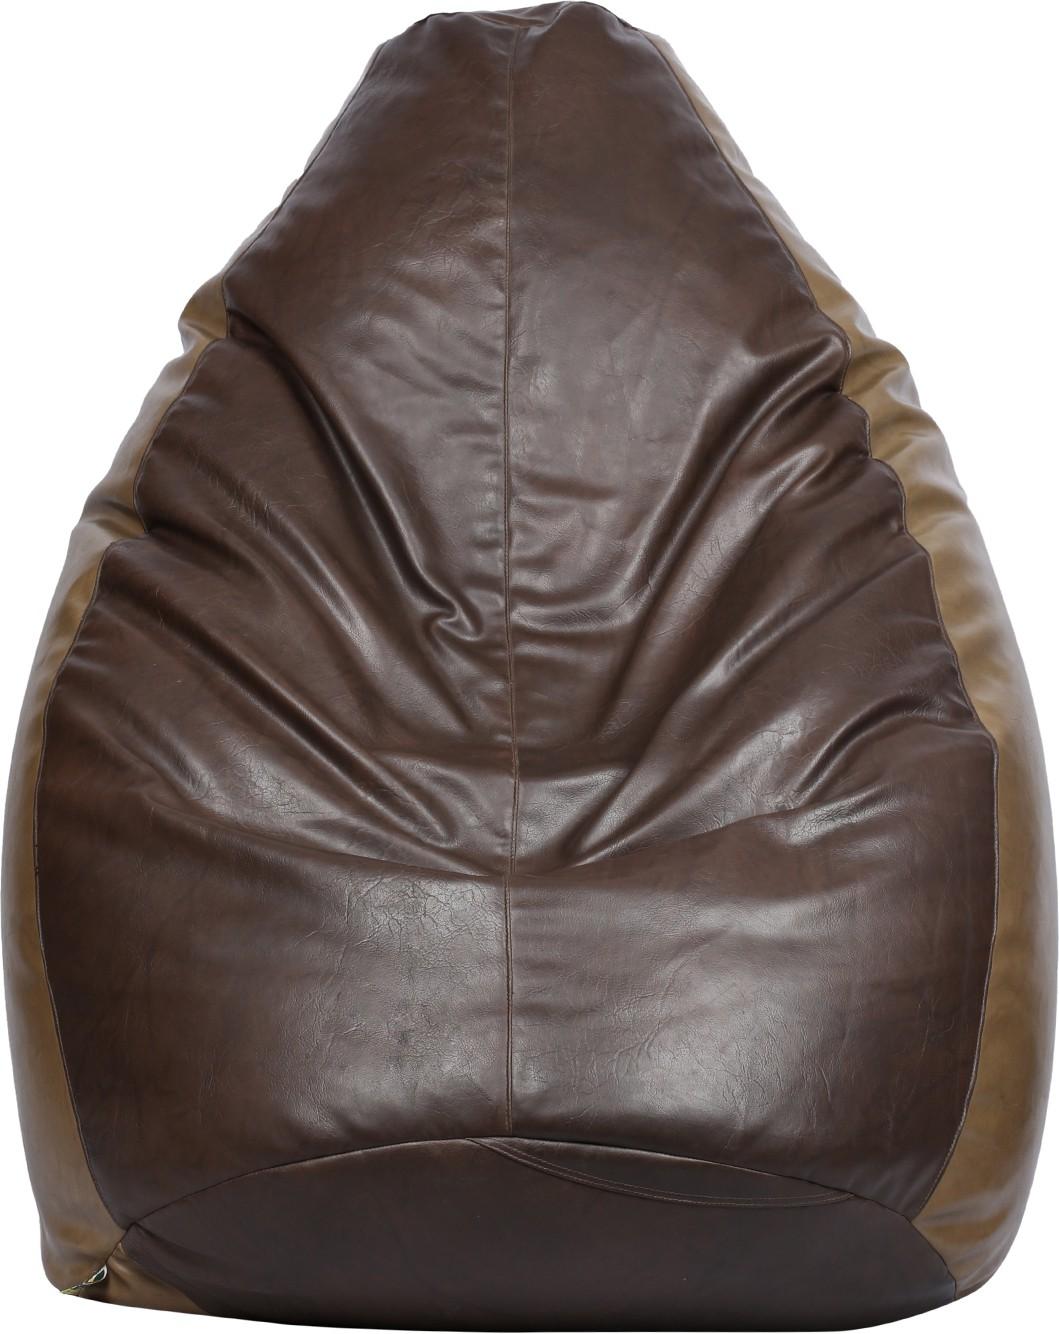 View VizwaSS XXXL Teardrop Bean Bag  With Bean Filling(Brown, Tan) Furniture (VizwaSS)